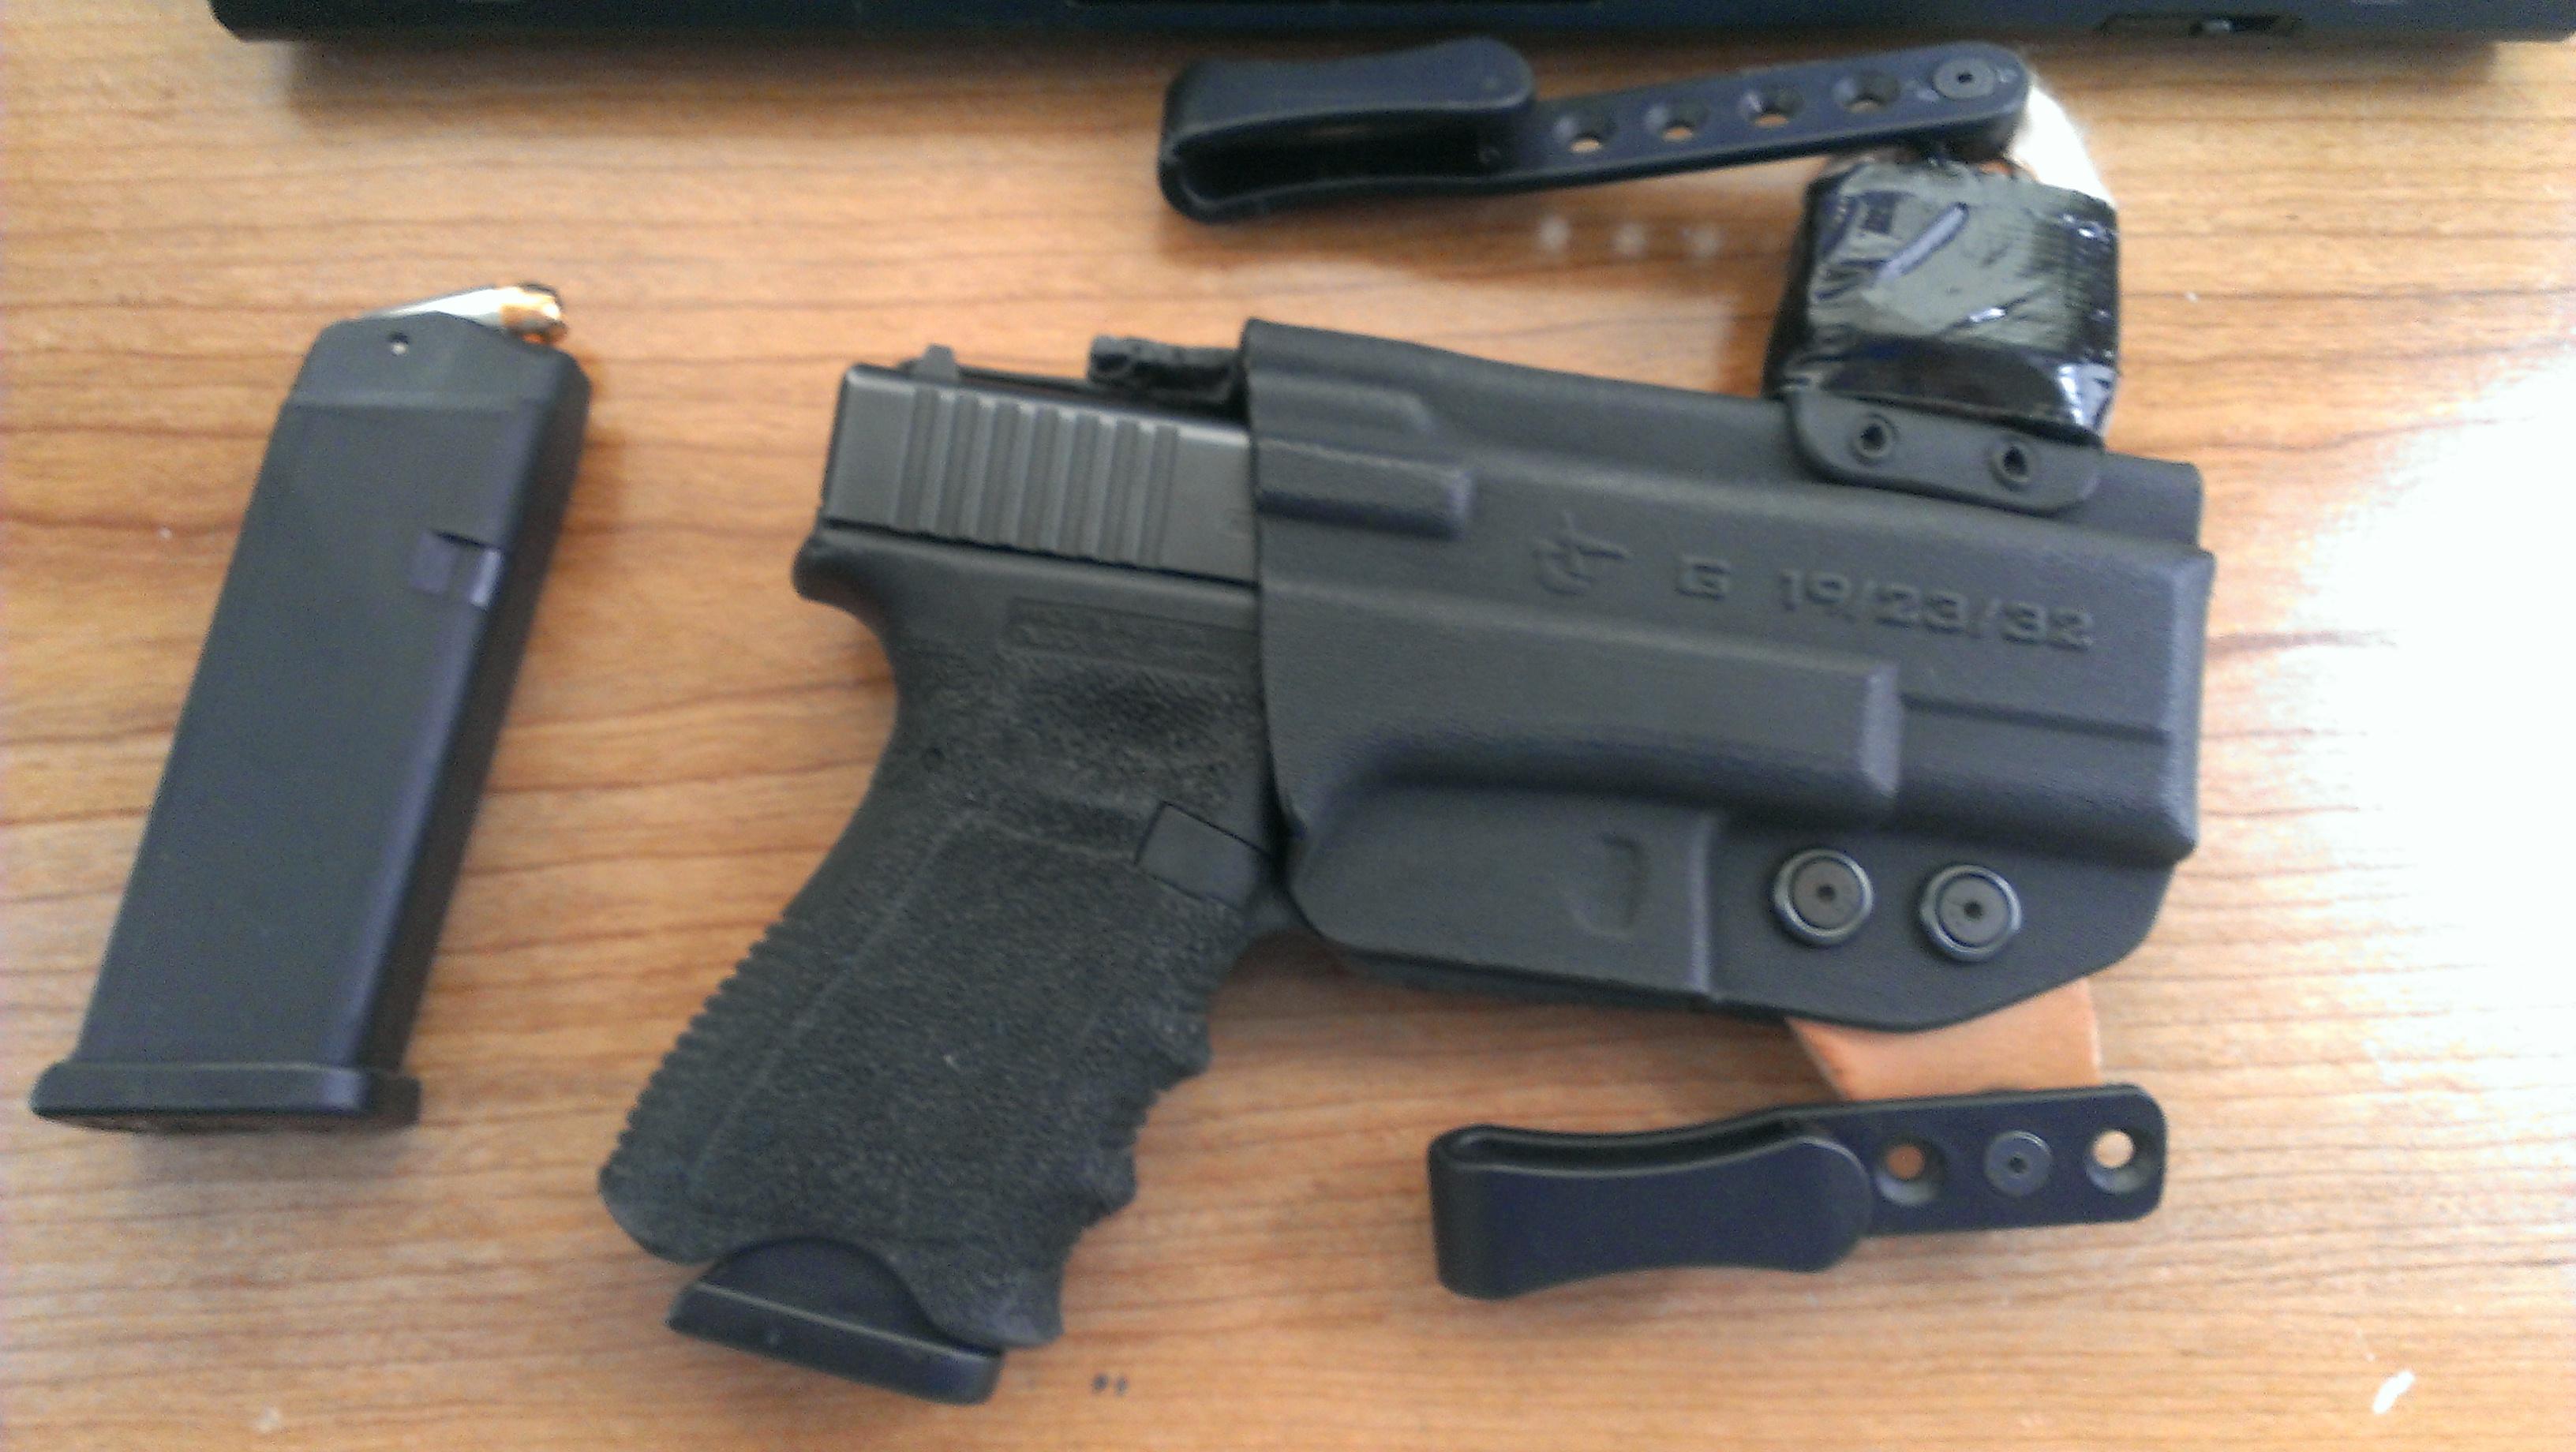 COMPTAC CTAC Holster for Glock 19/23/32 (also works with 26/27/33)-imag0292.jpg